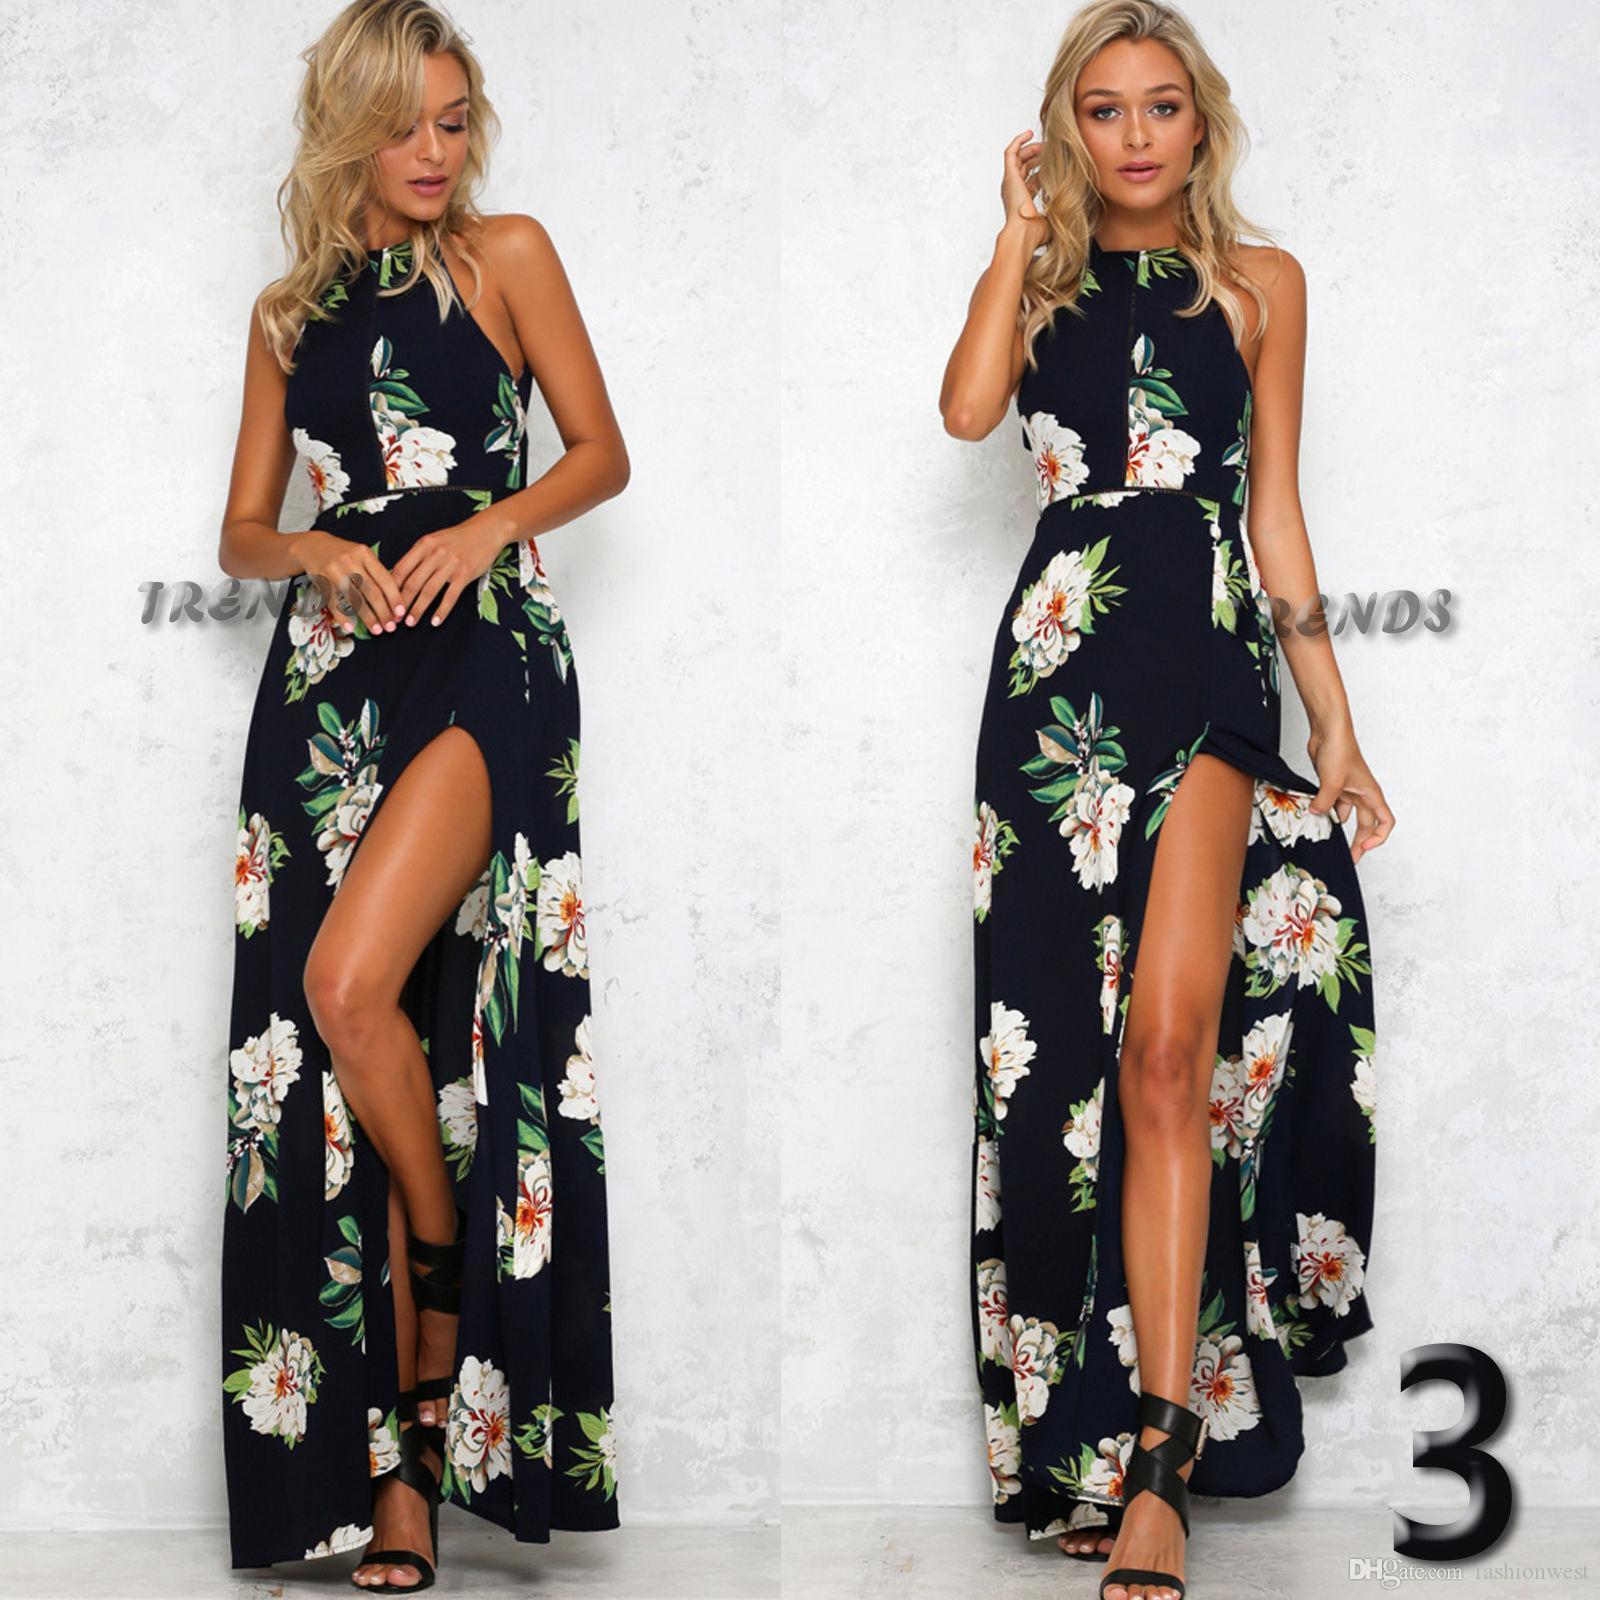 무료 배송 여성 드레스 휴일 민소매 롱 스커트 여름 접합 비치 스커트 여성의 수영복 선 비치 드레스 로브 인쇄하기